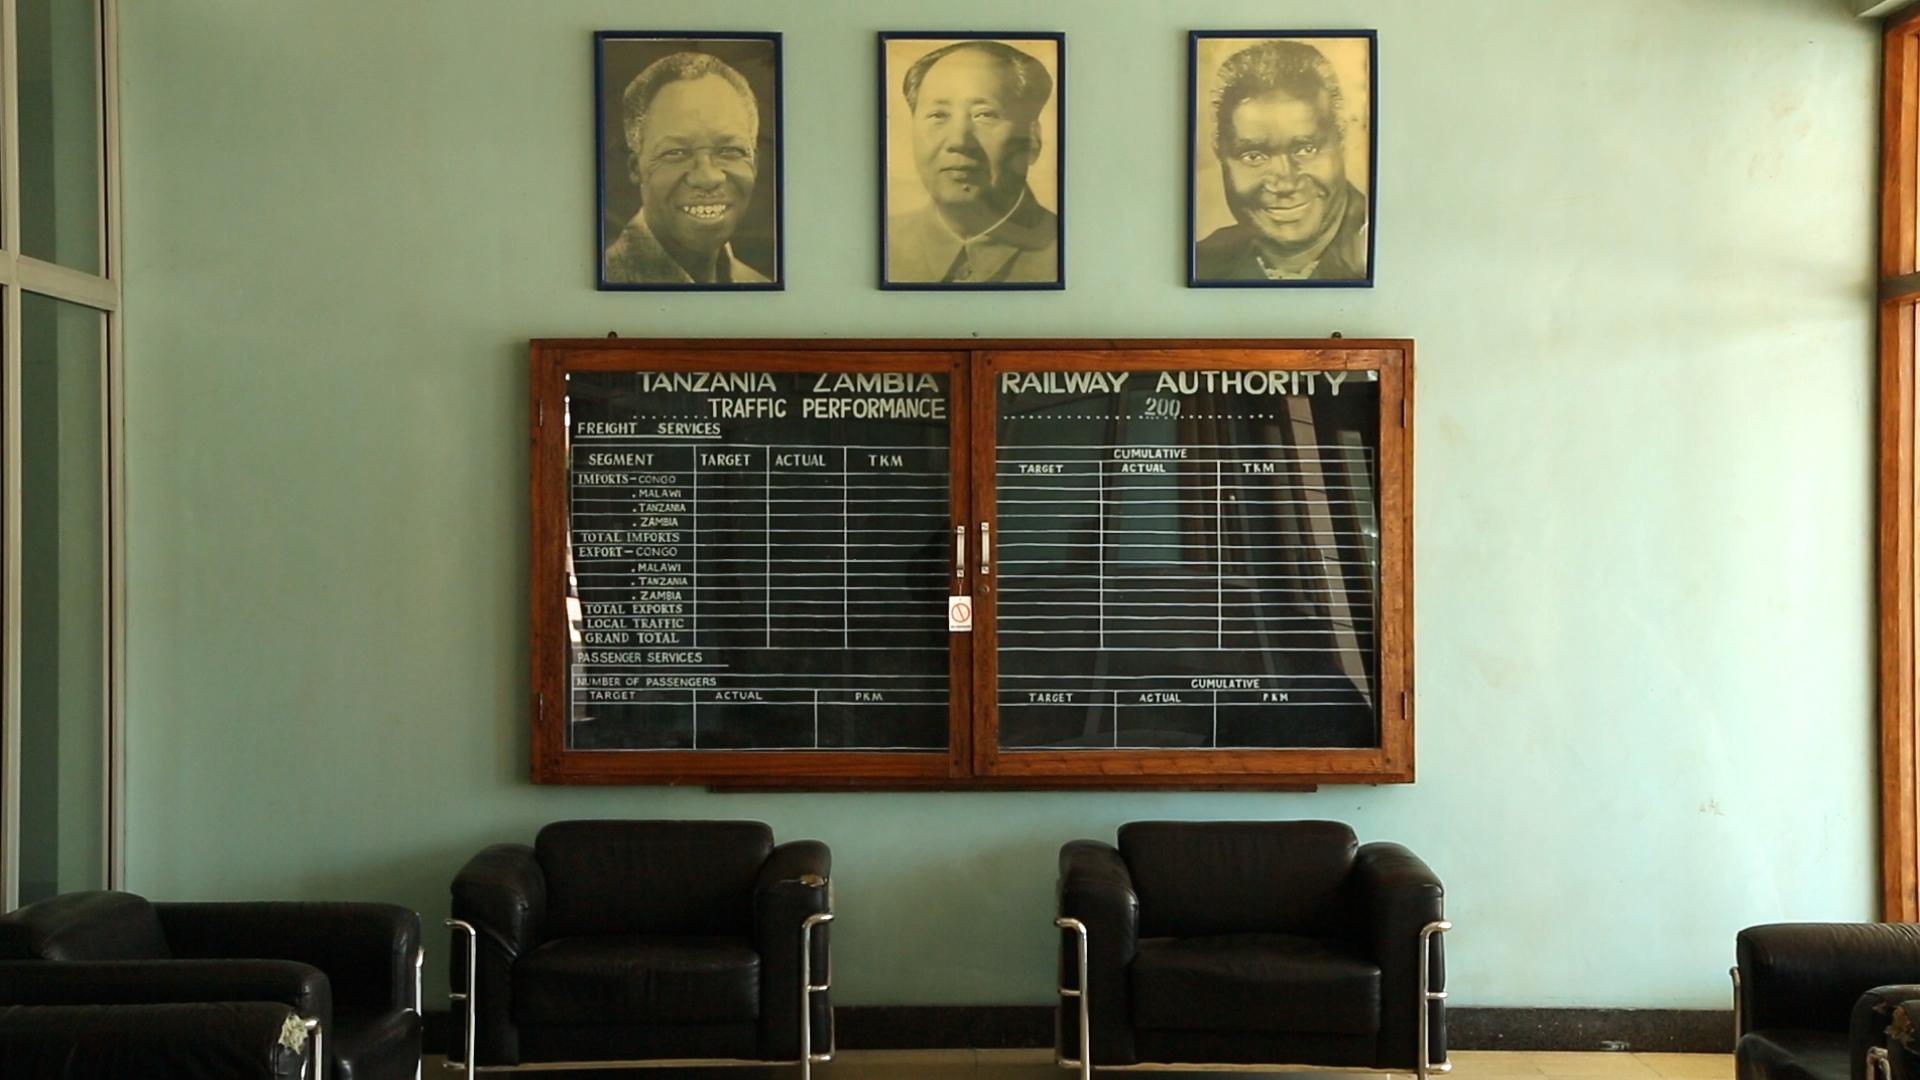 Recherchefoto: Tanzania-Zambia Railway, Headquarter, Dar es Salaam, Daniel Kötter